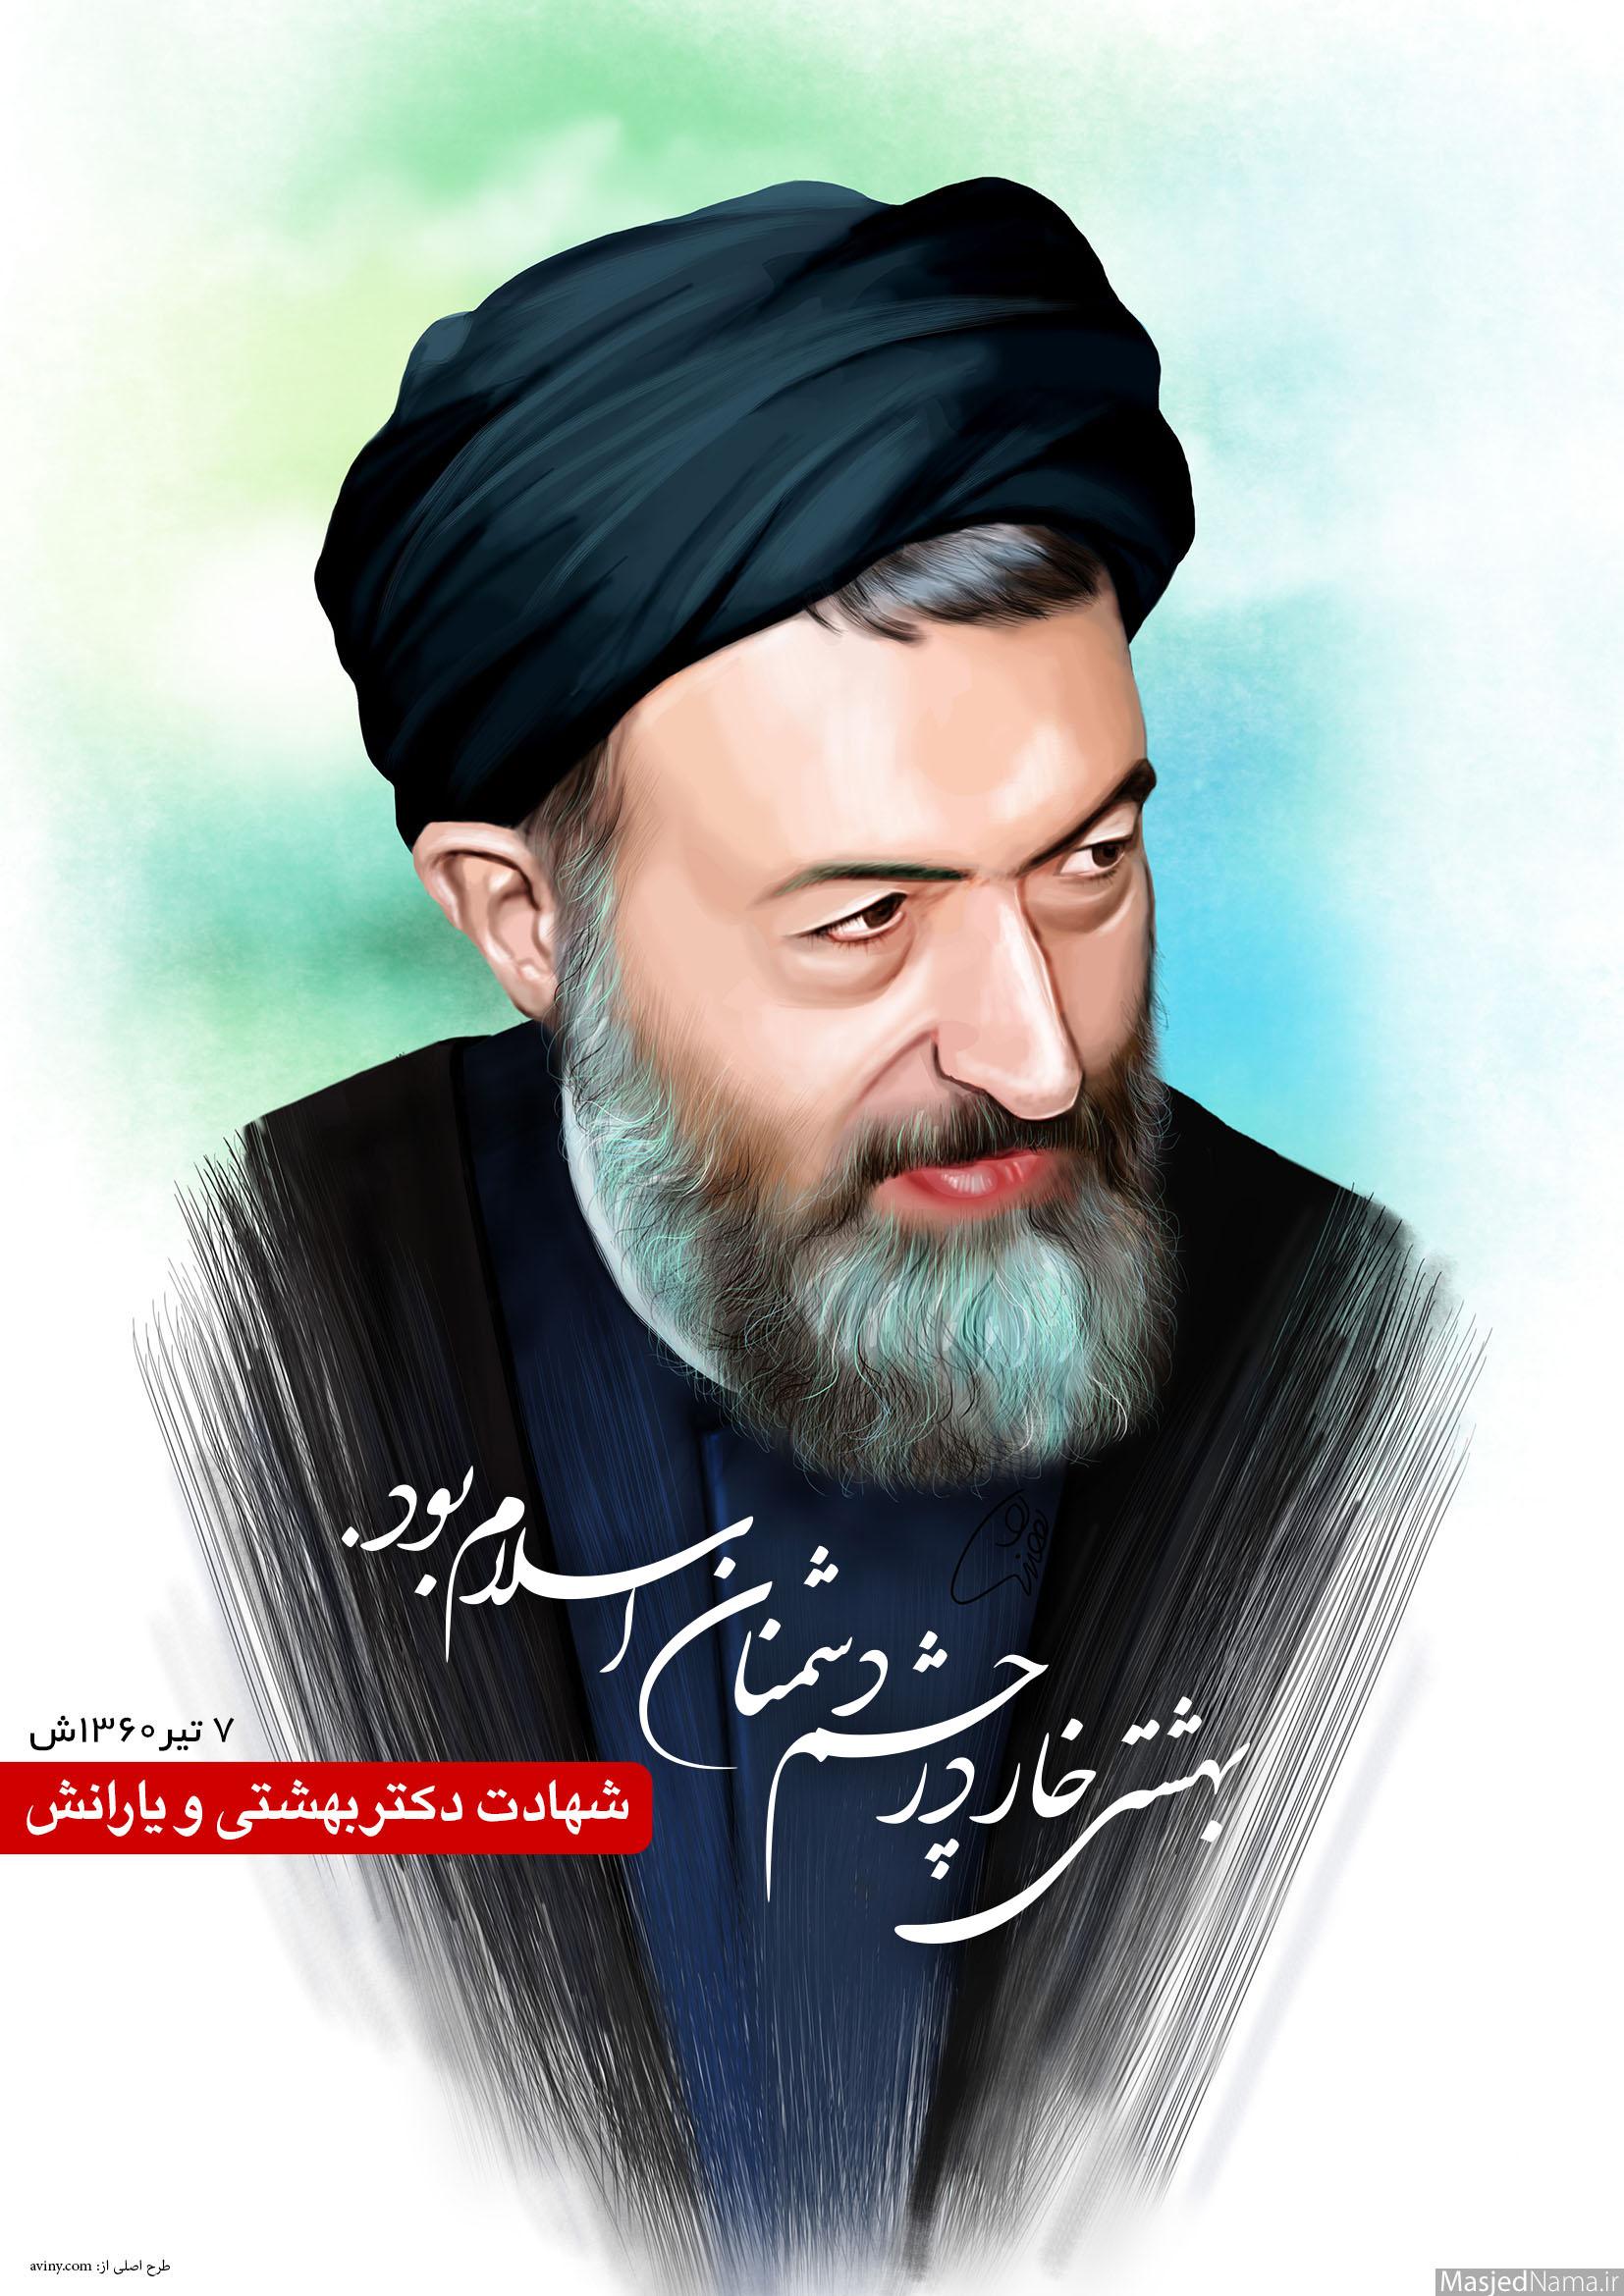 http://bayanbox.ir/view/7246950944783175287/shahid-beheshti-2-C.jpg